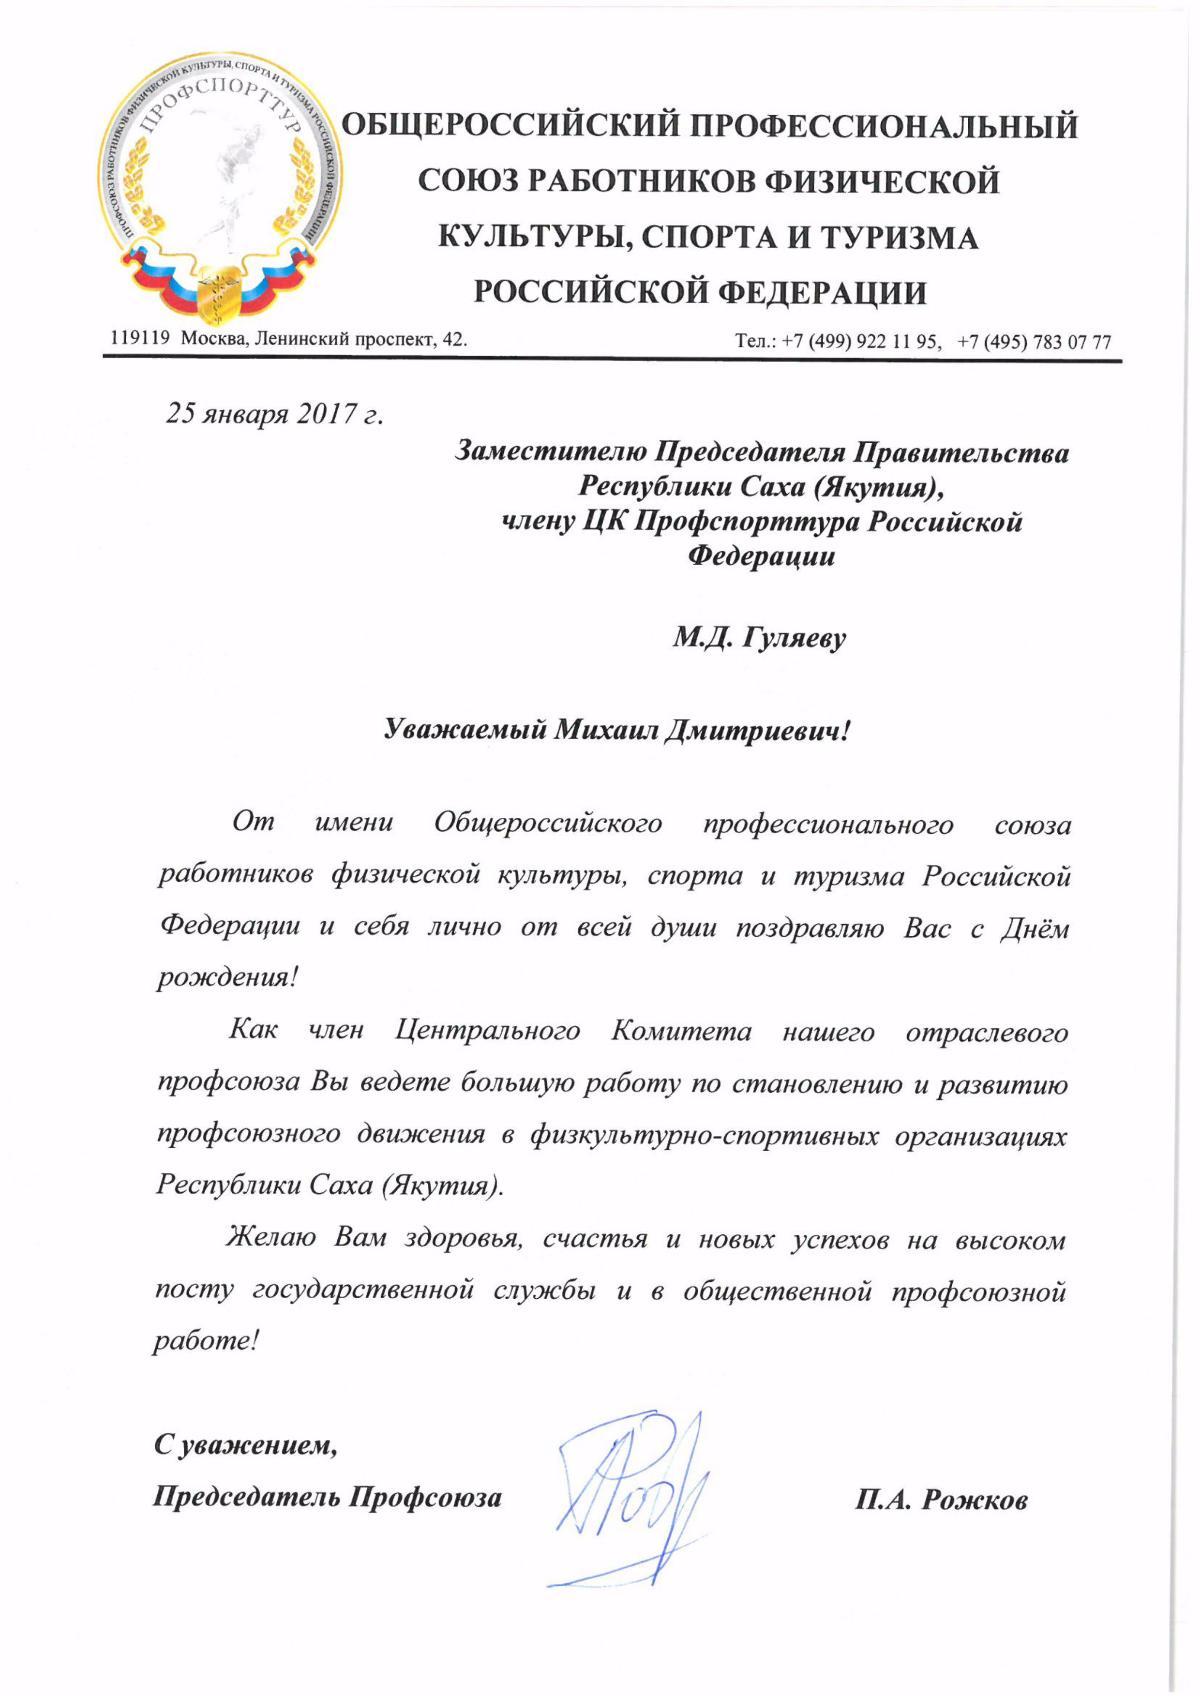 Поздравления с Днем рождения - Правительство Республики Карелия